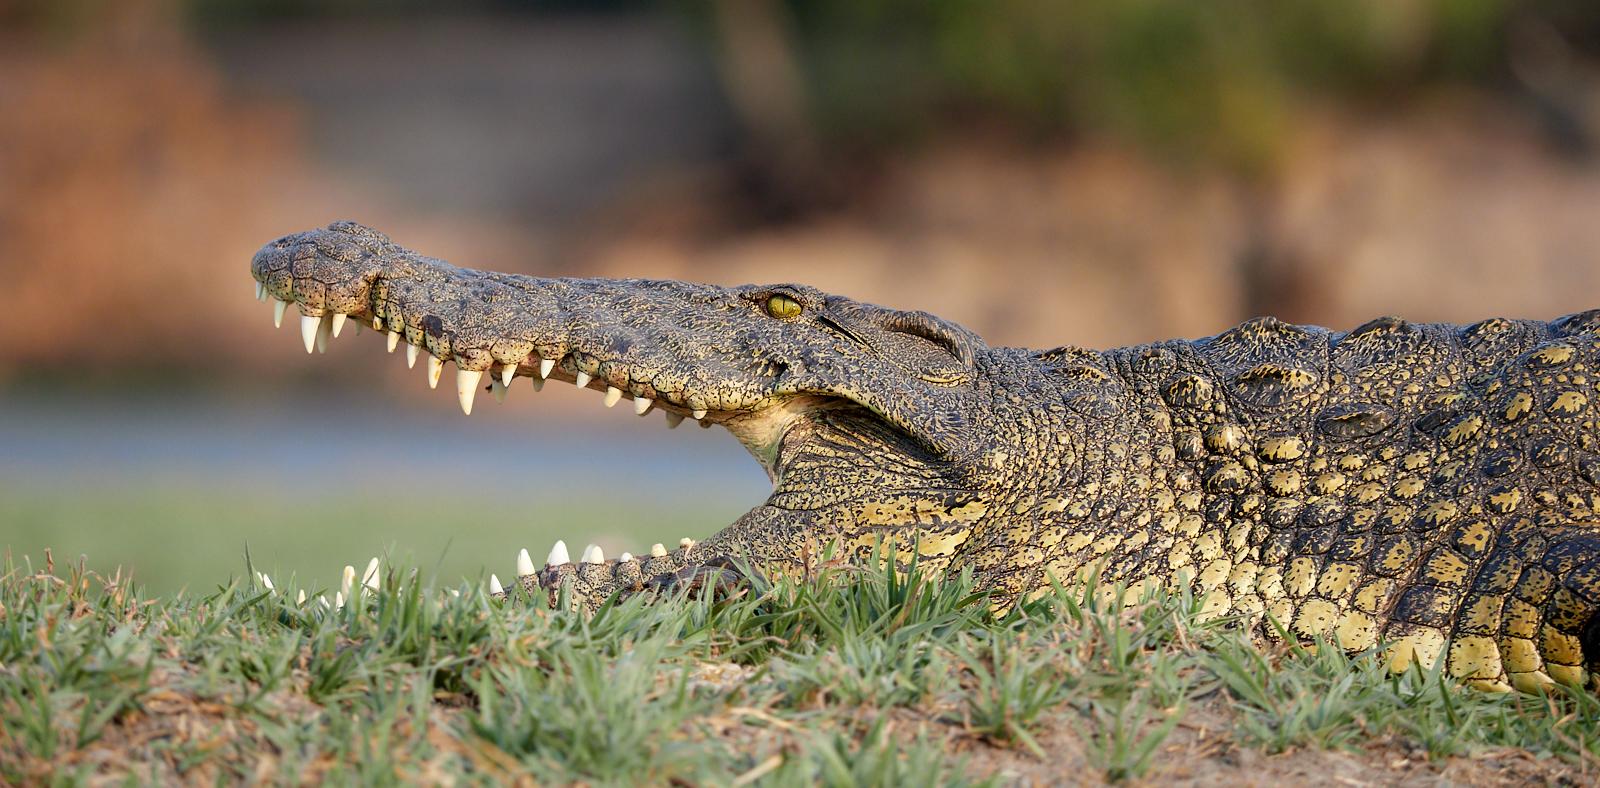 Croc 1600x1200 sRGB.jpg